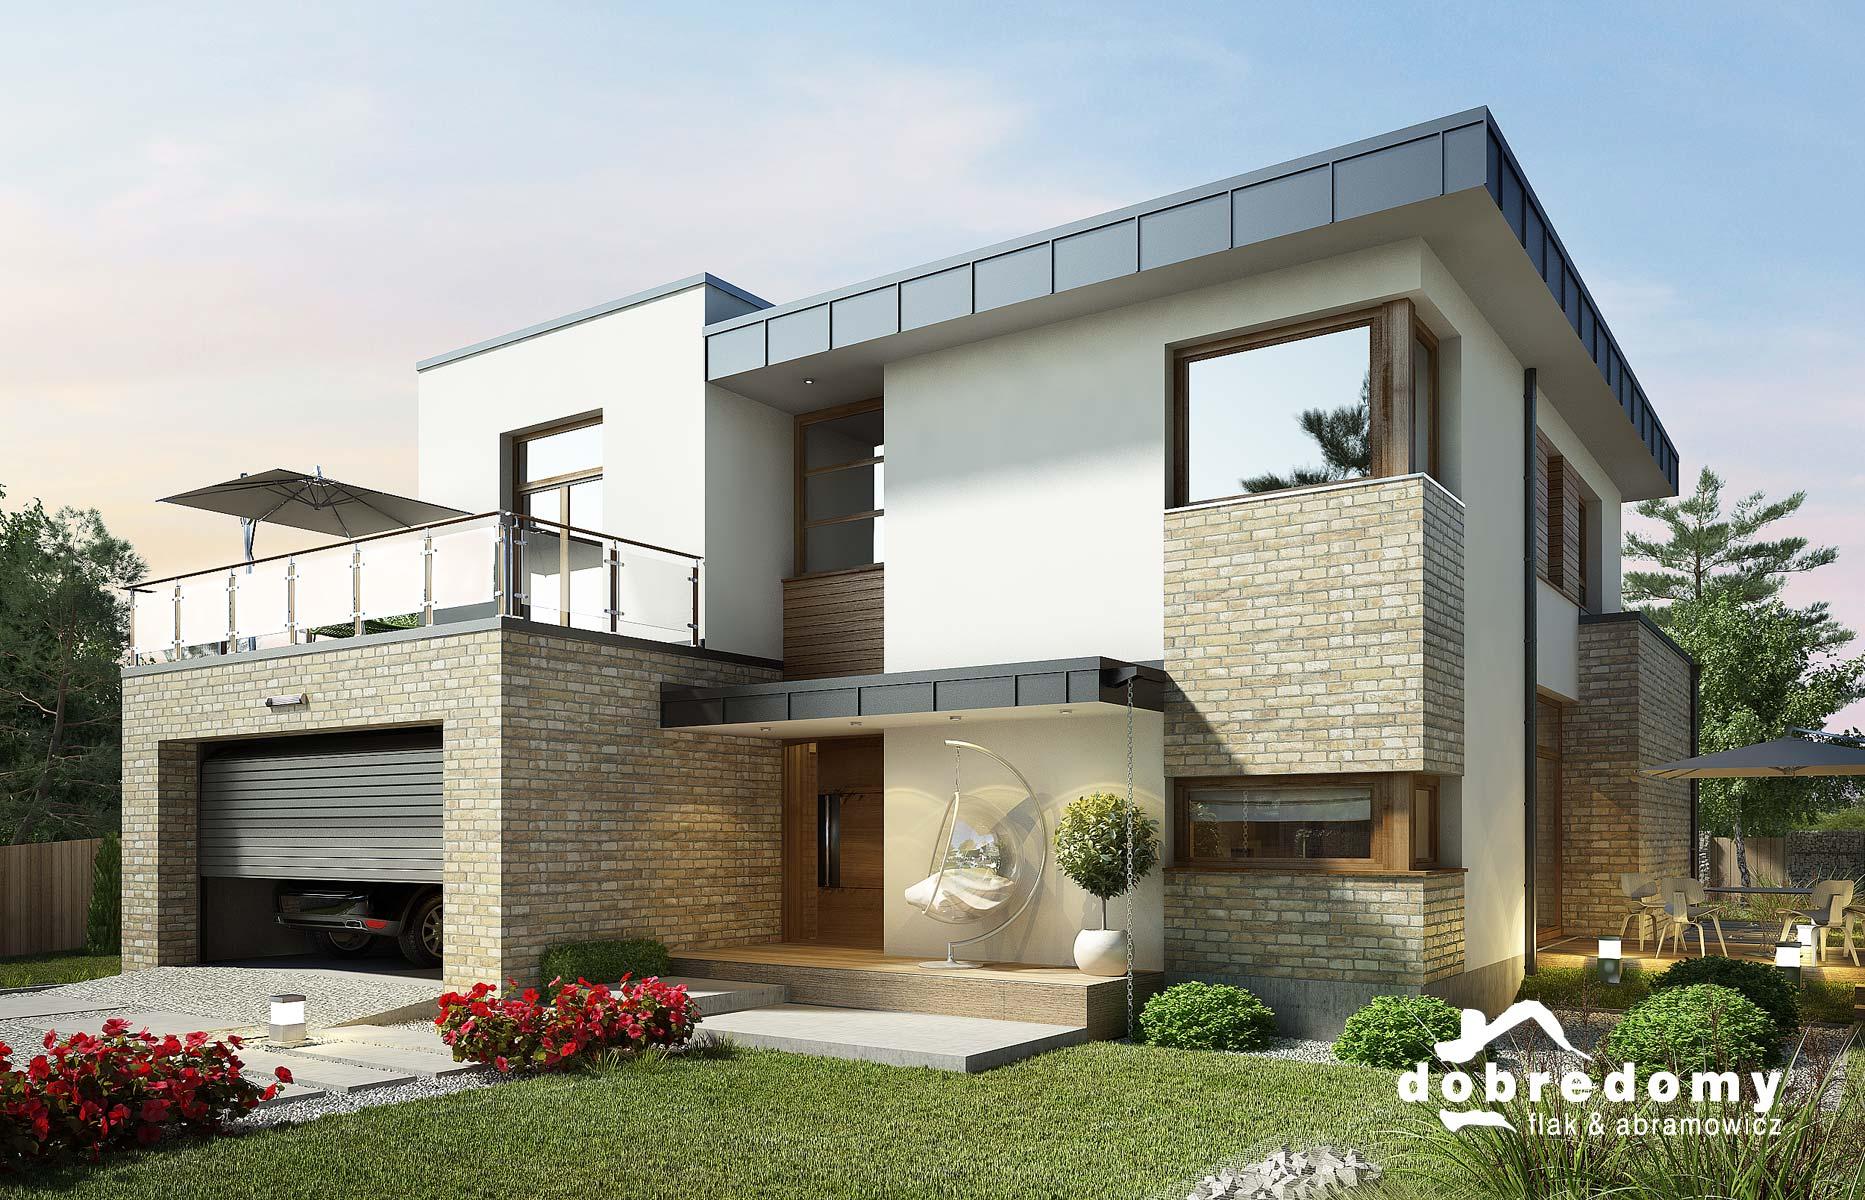 Budowa Altany Ogrodowej Co Warto Wiedzieć Dobre Domy